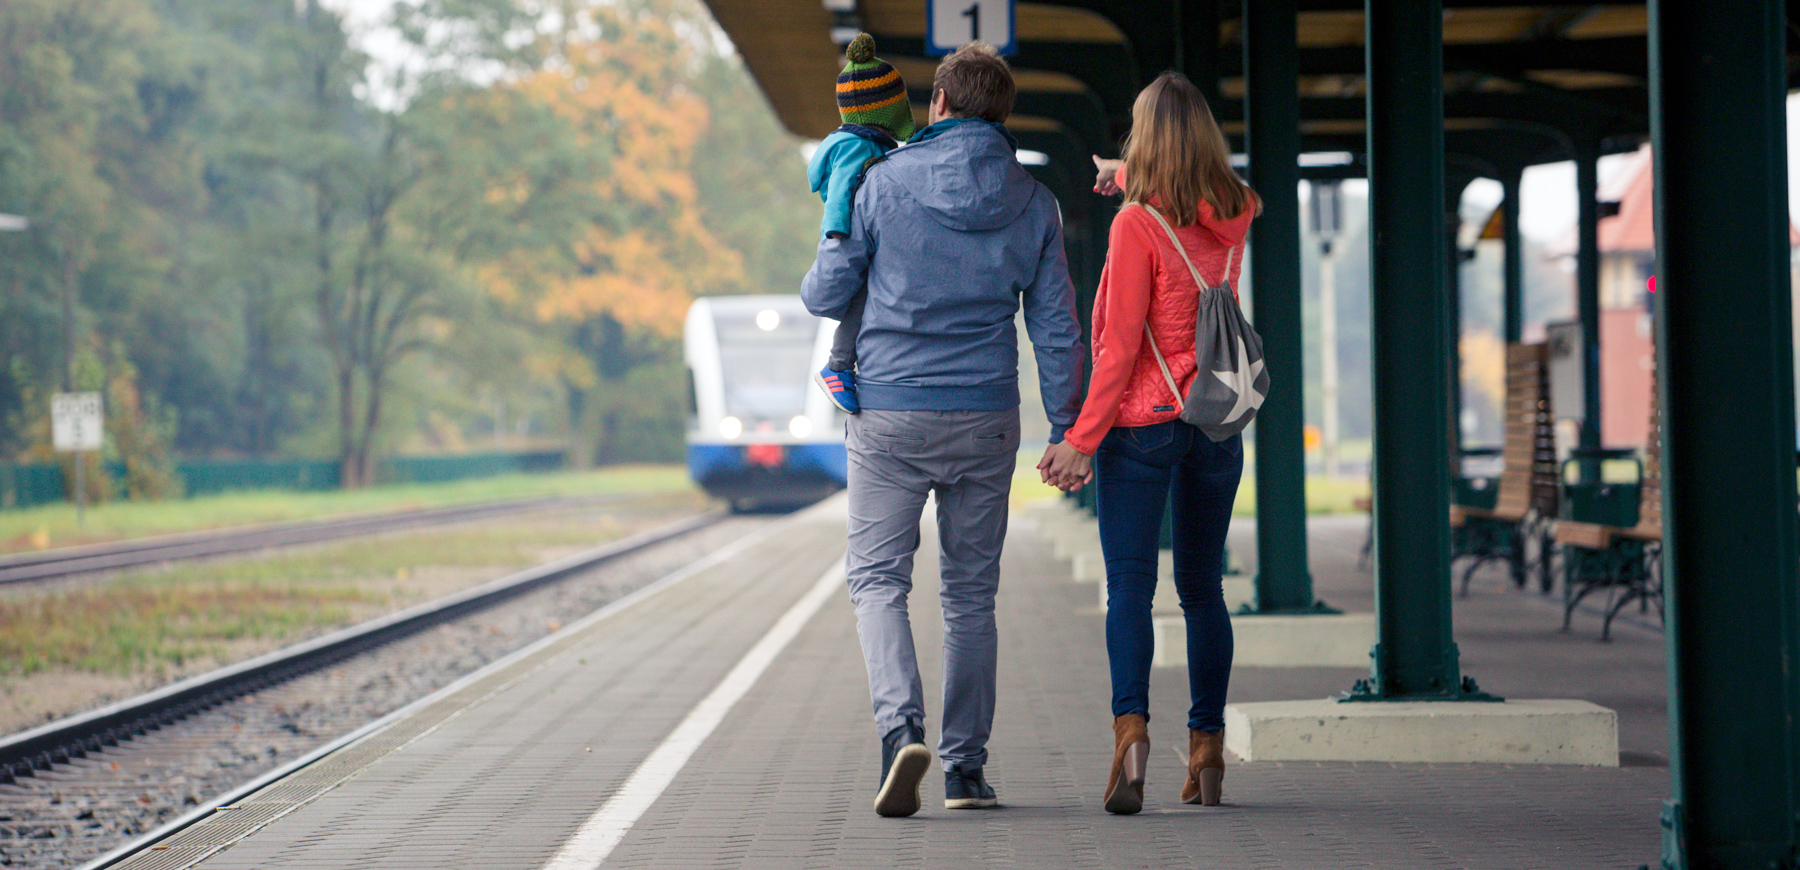 Familie mit Kind steht am Bahnsteig und zeigt auf Zug.